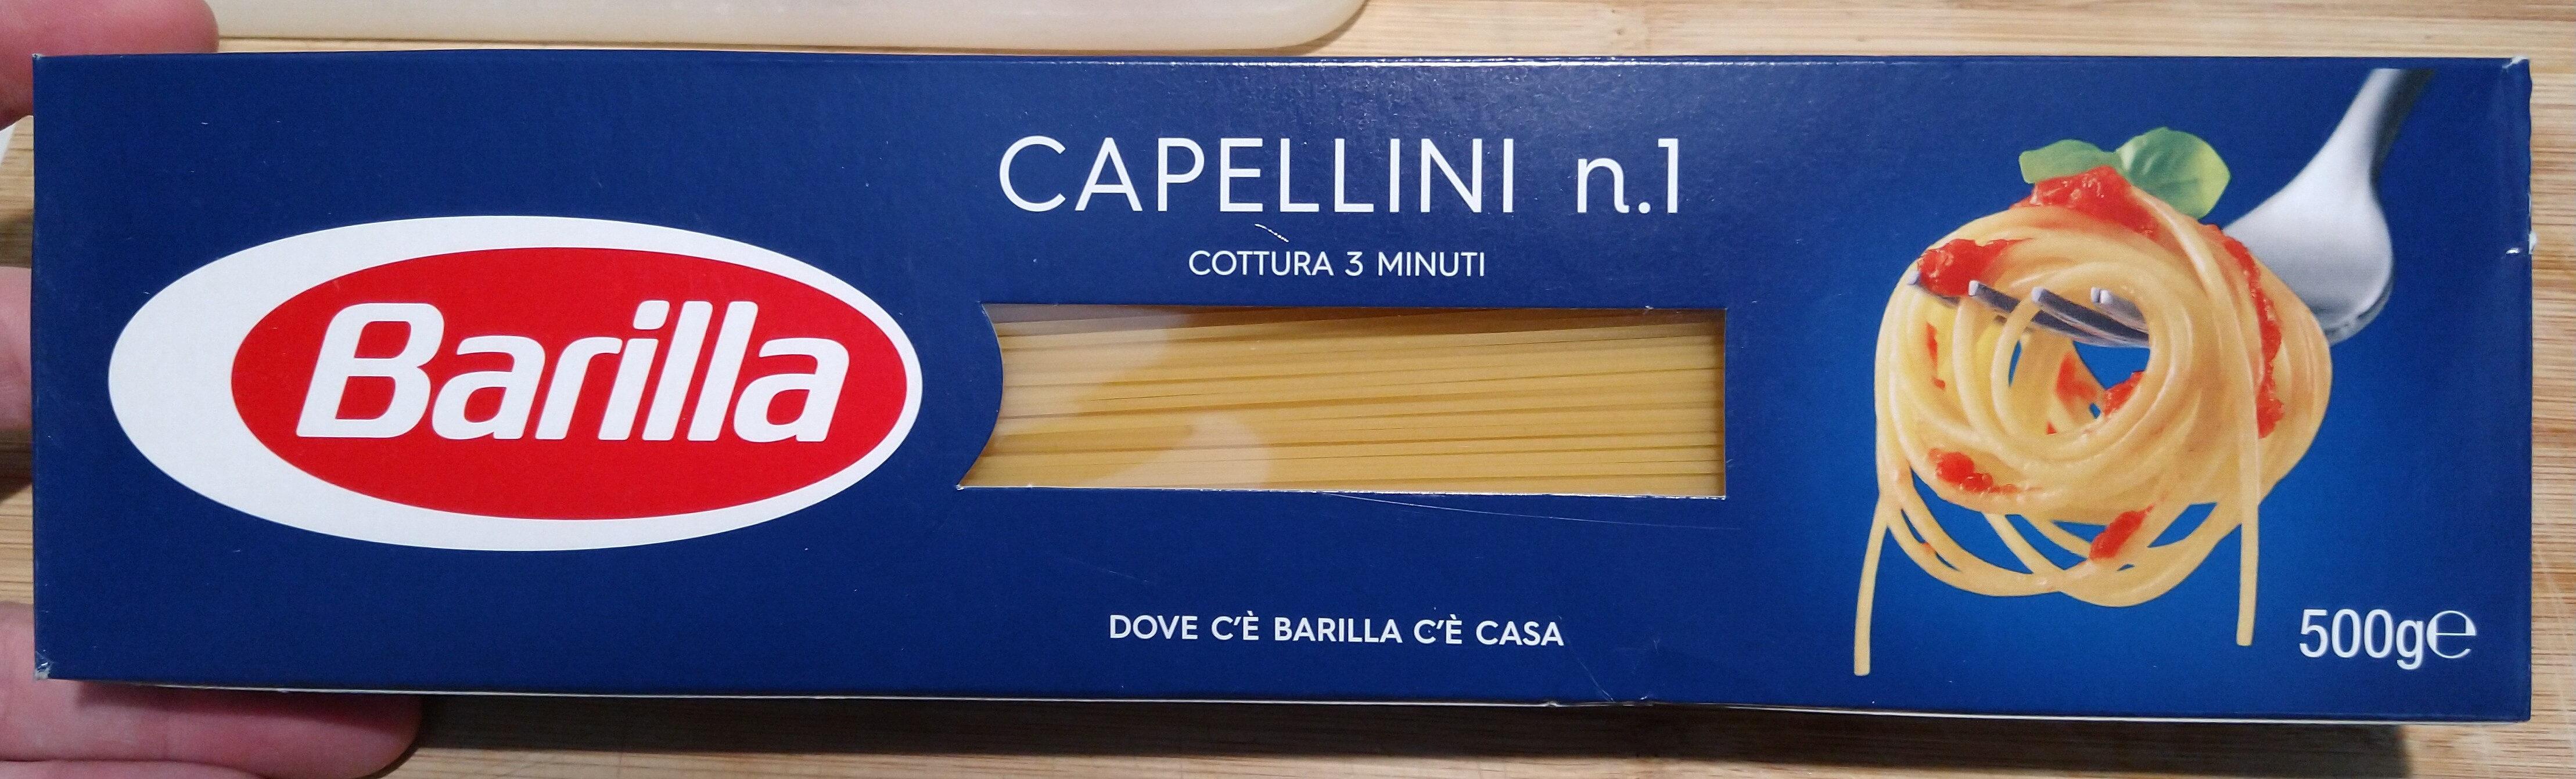 Barilla pates capellini n°1 - Prodotto - it